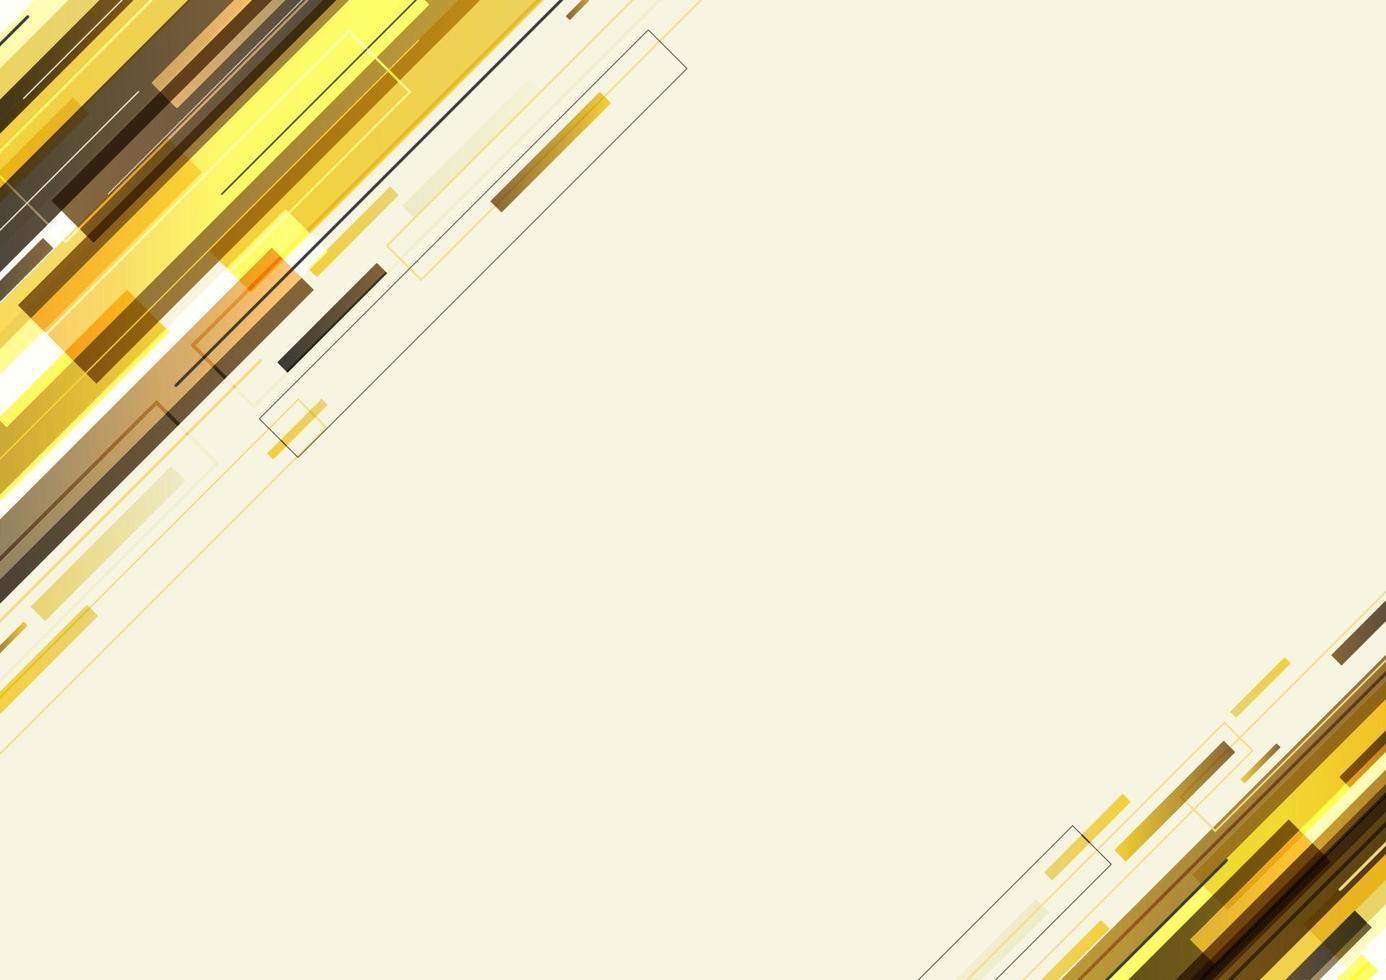 abstracte moderne sjabloon gele diagonale strepen geometrische en lijn overlappende achtergrond vector